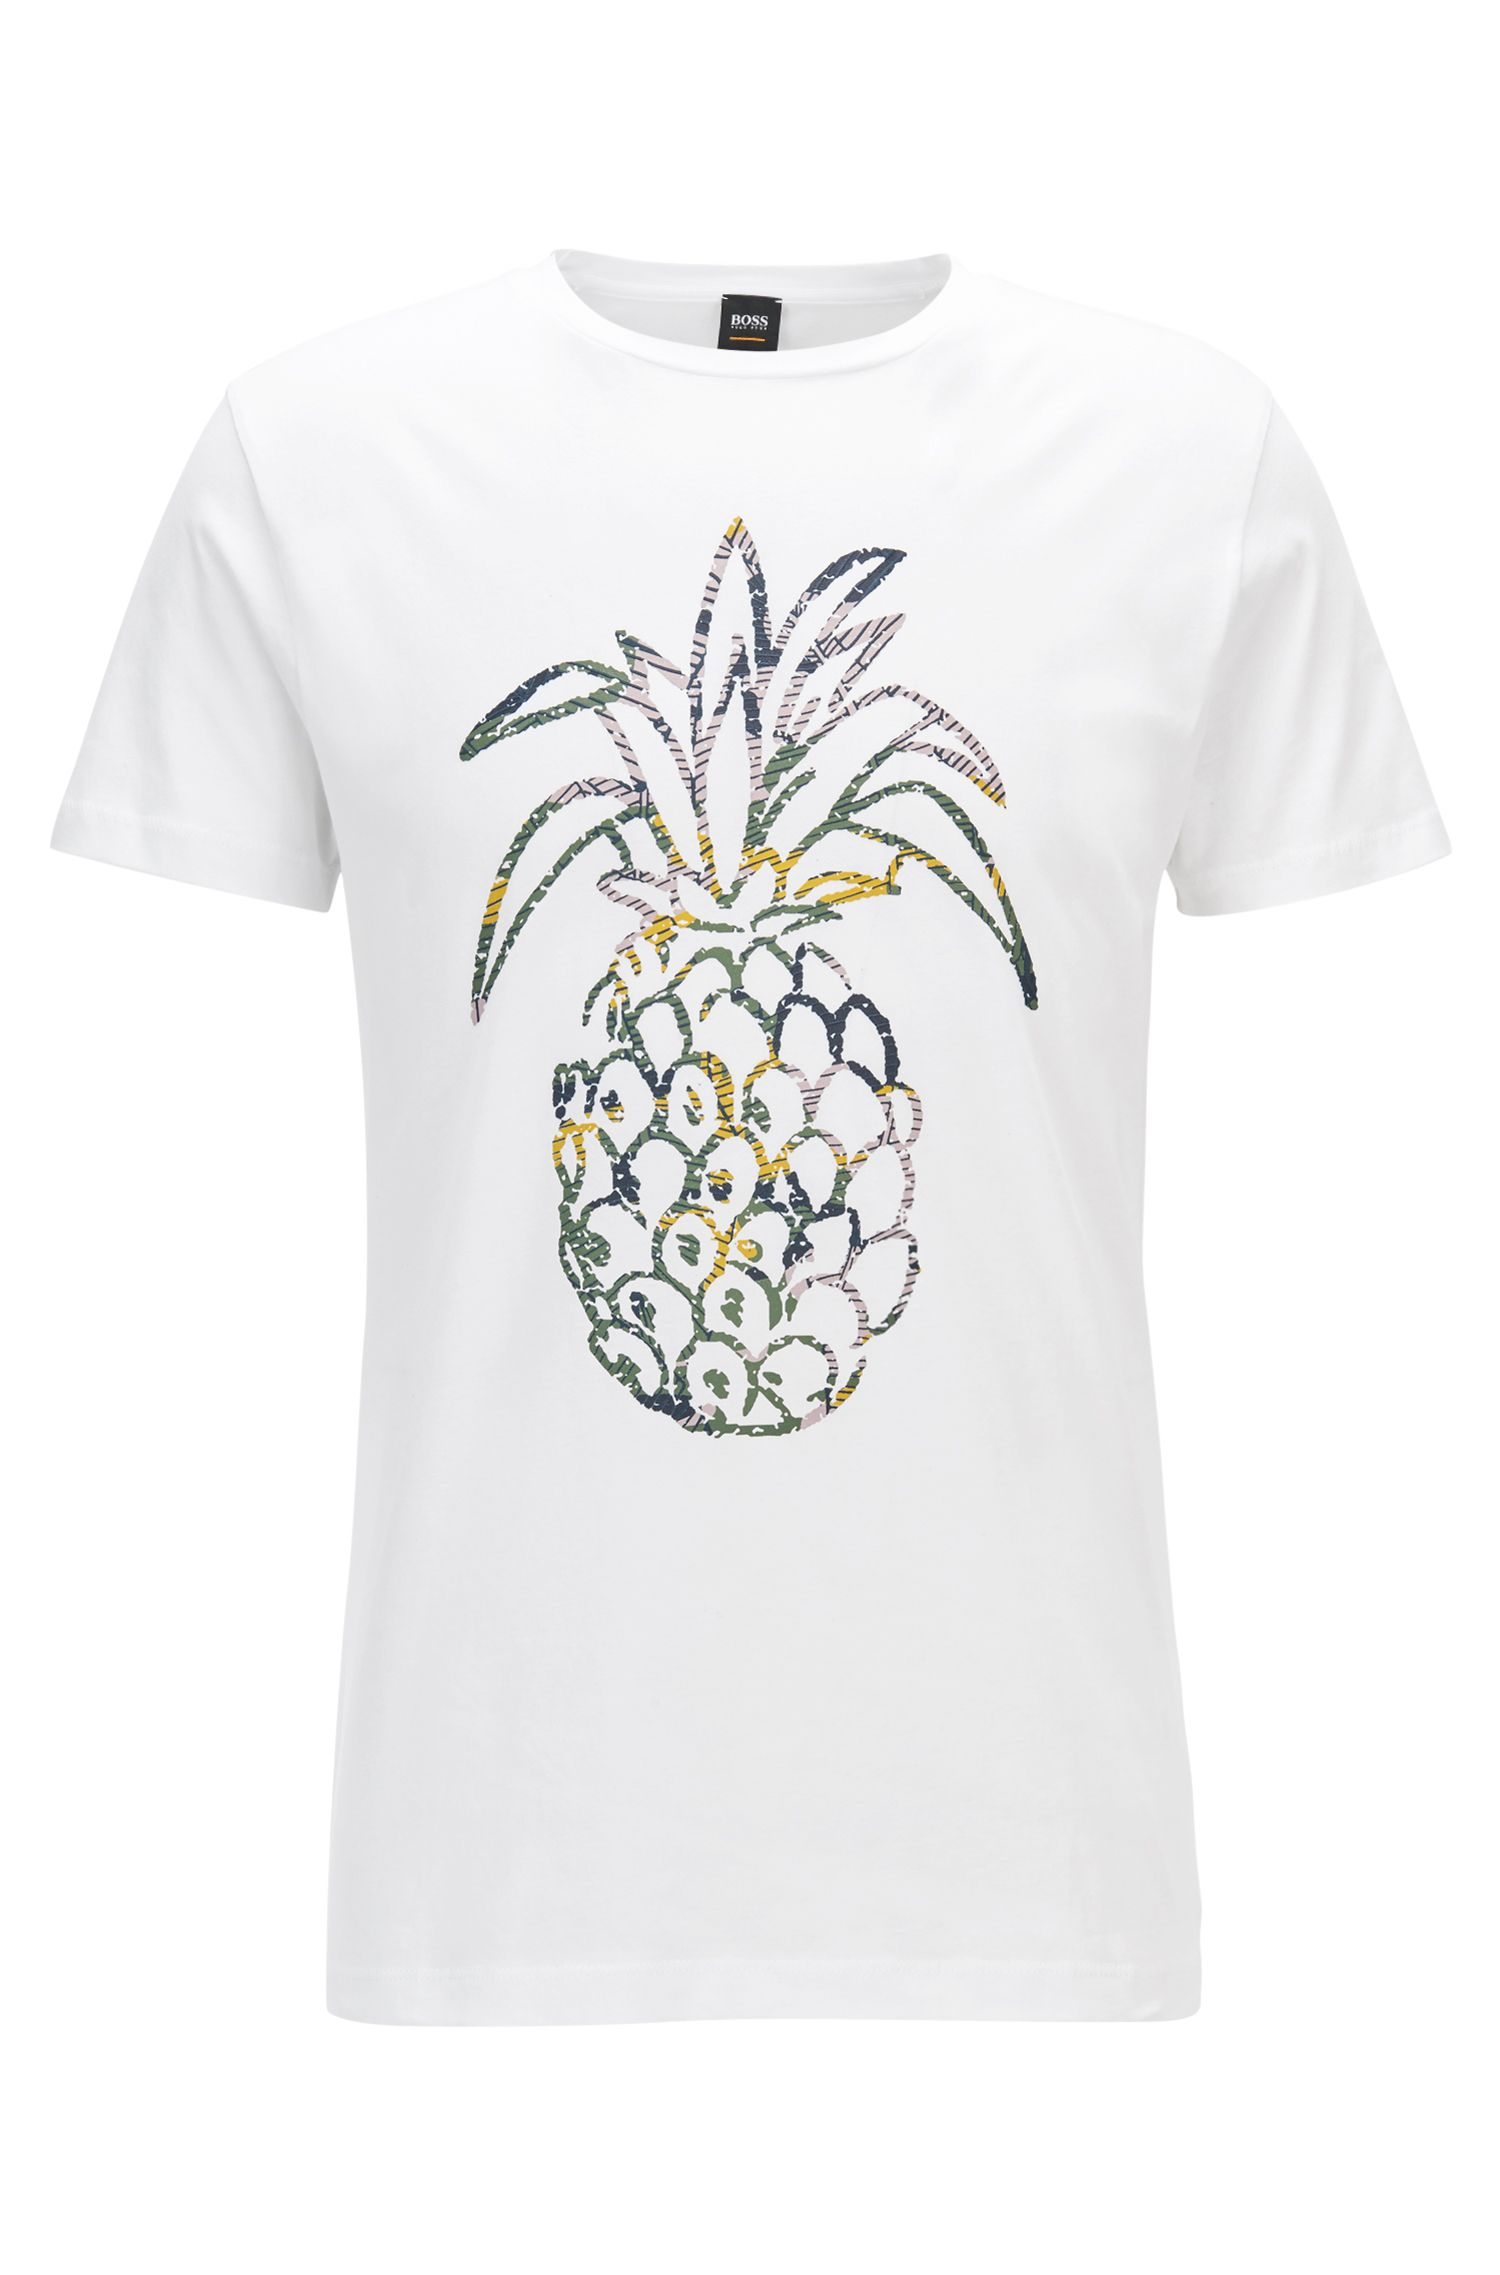 T-shirt Regular Fit en jersey de coton lavé, à imprimé ananas